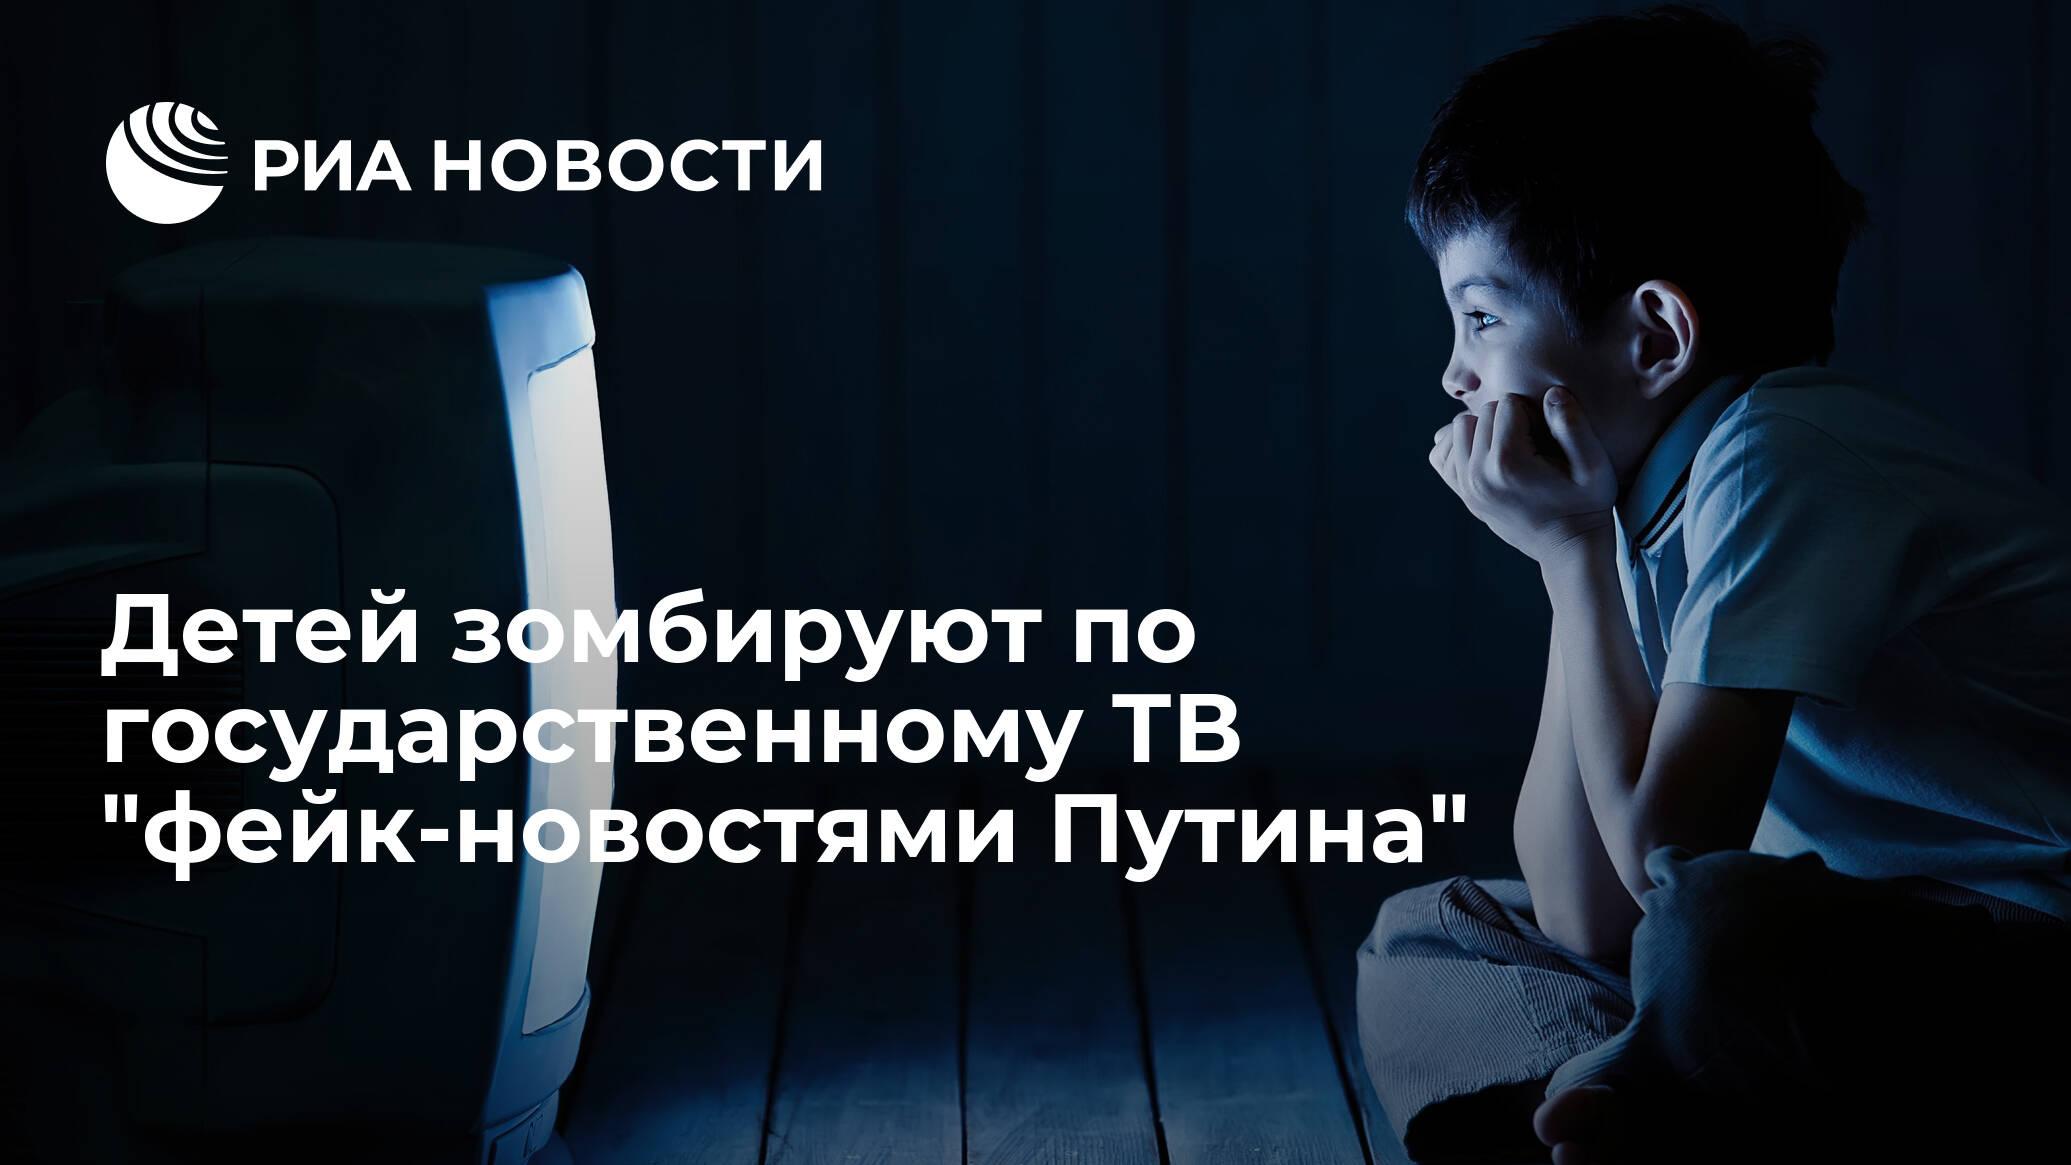 """Мы не имеем официальных сведений об украинцах, которых террористы """"ЛДНР"""" собираются вернуть, - СБУ - Цензор.НЕТ 5677"""